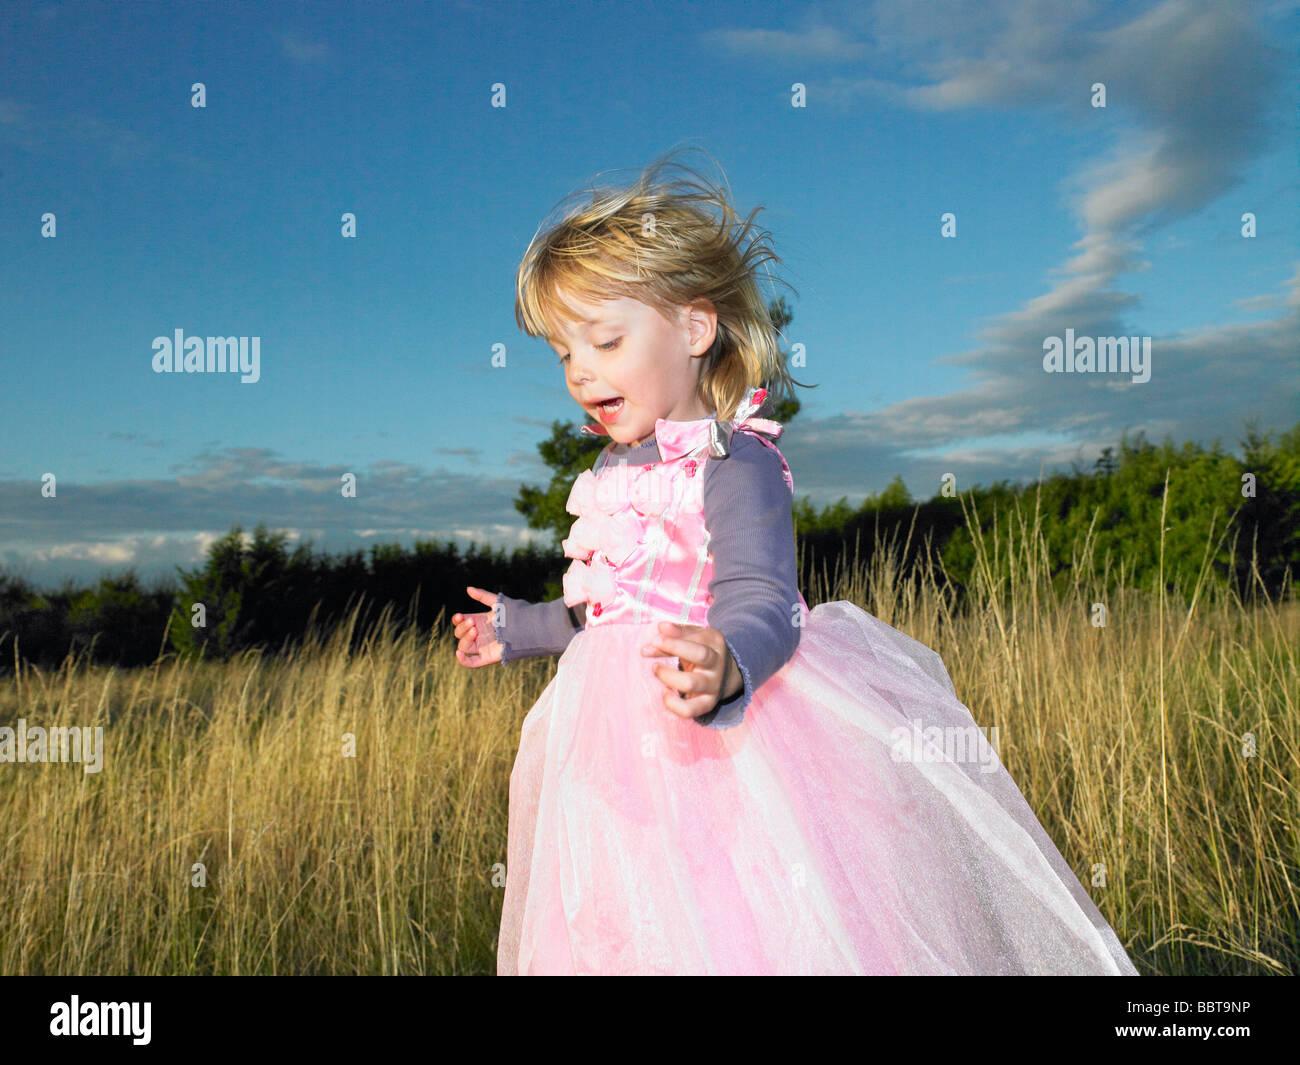 Mädchen mit Prinzessin Kleid, in einem Feld Stockbild